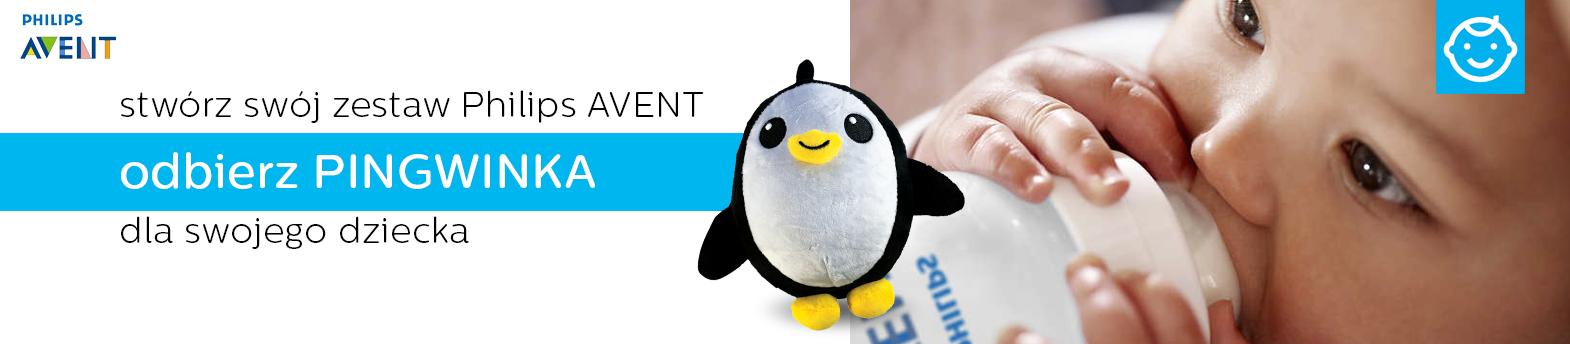 Pingwinek gratis